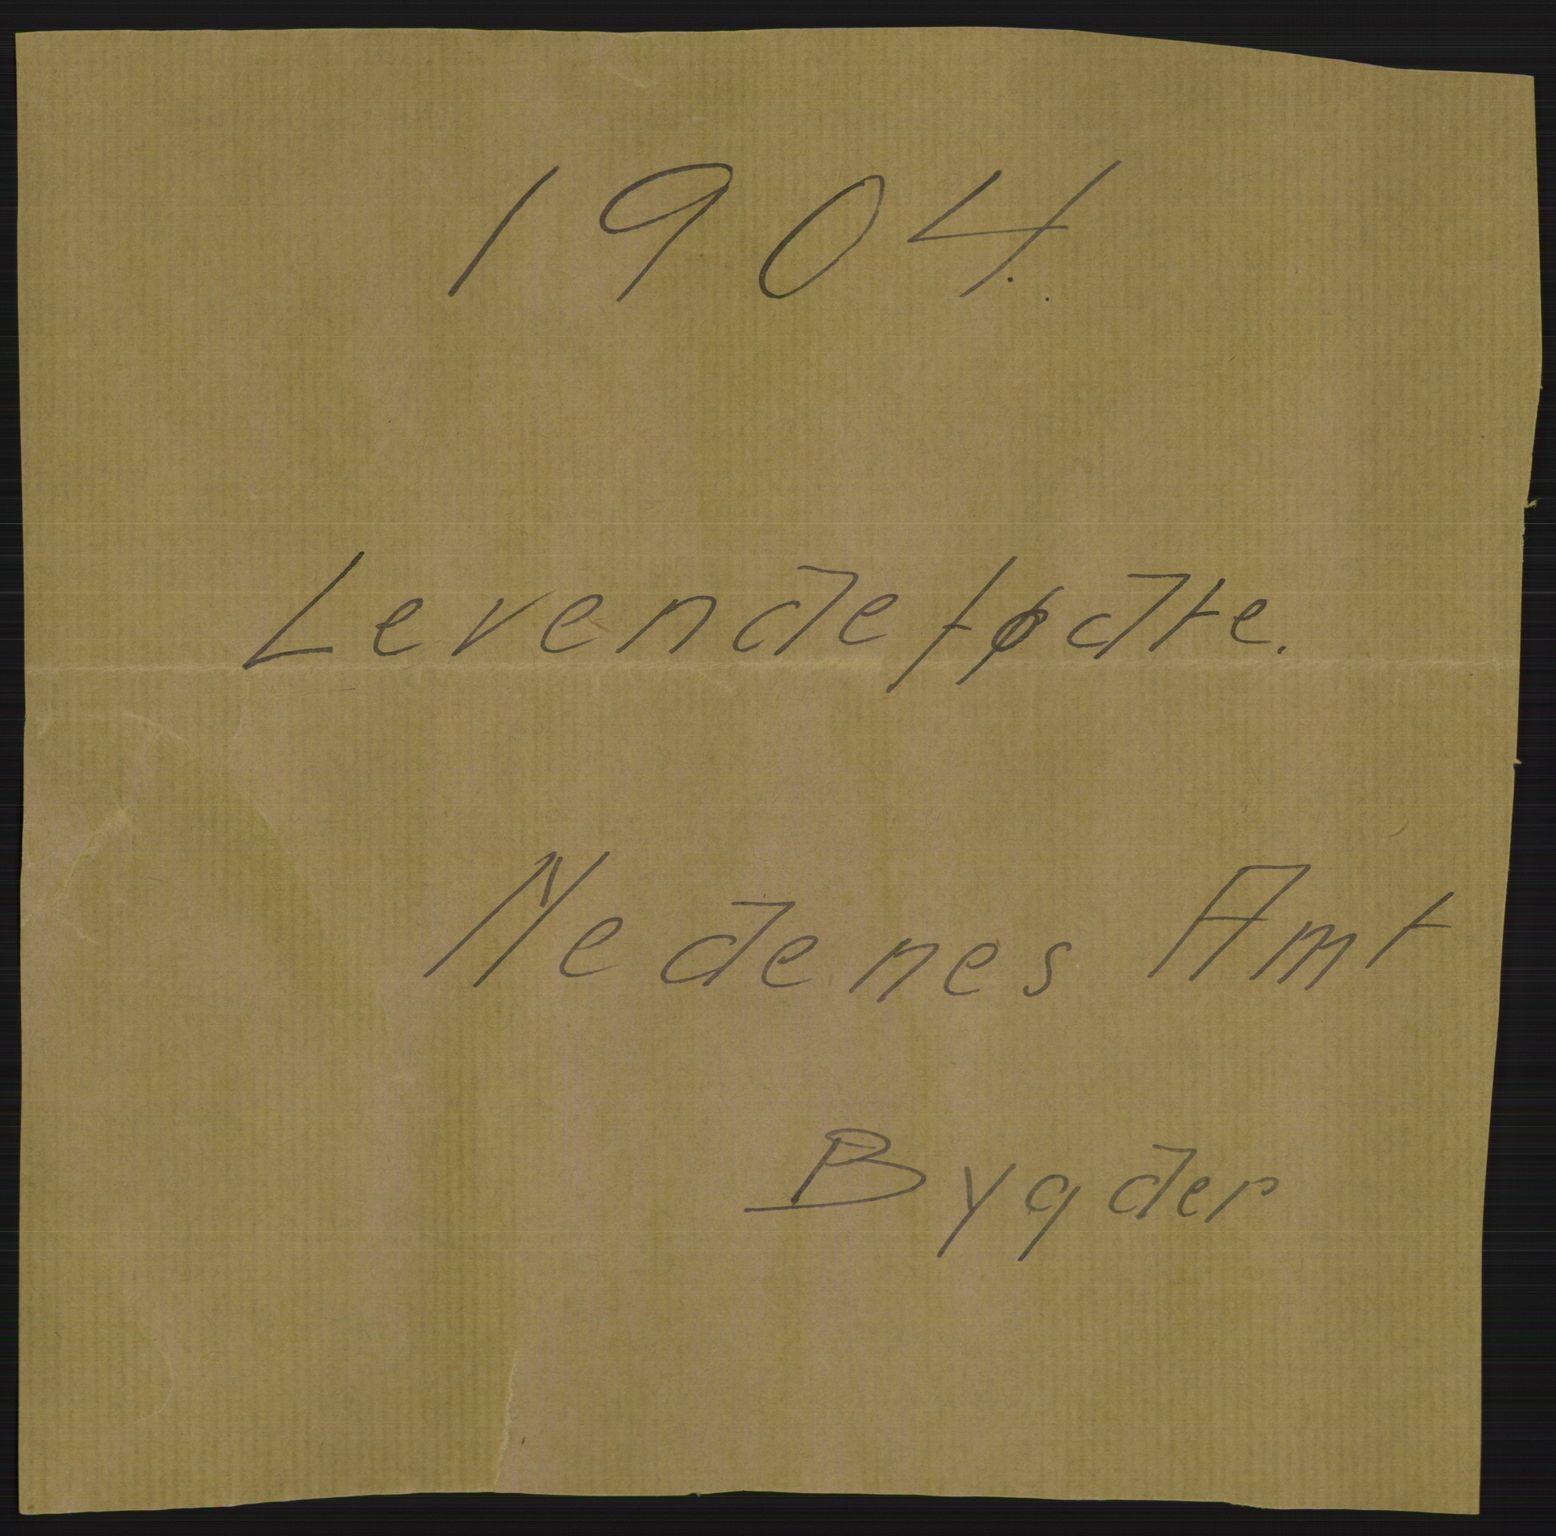 RA, Statistisk sentralbyrå, Sosiodemografiske emner, Befolkning, D/Df/Dfa/Dfab/L0010: Nedenes amt: Fødte, gifte, døde, 1904